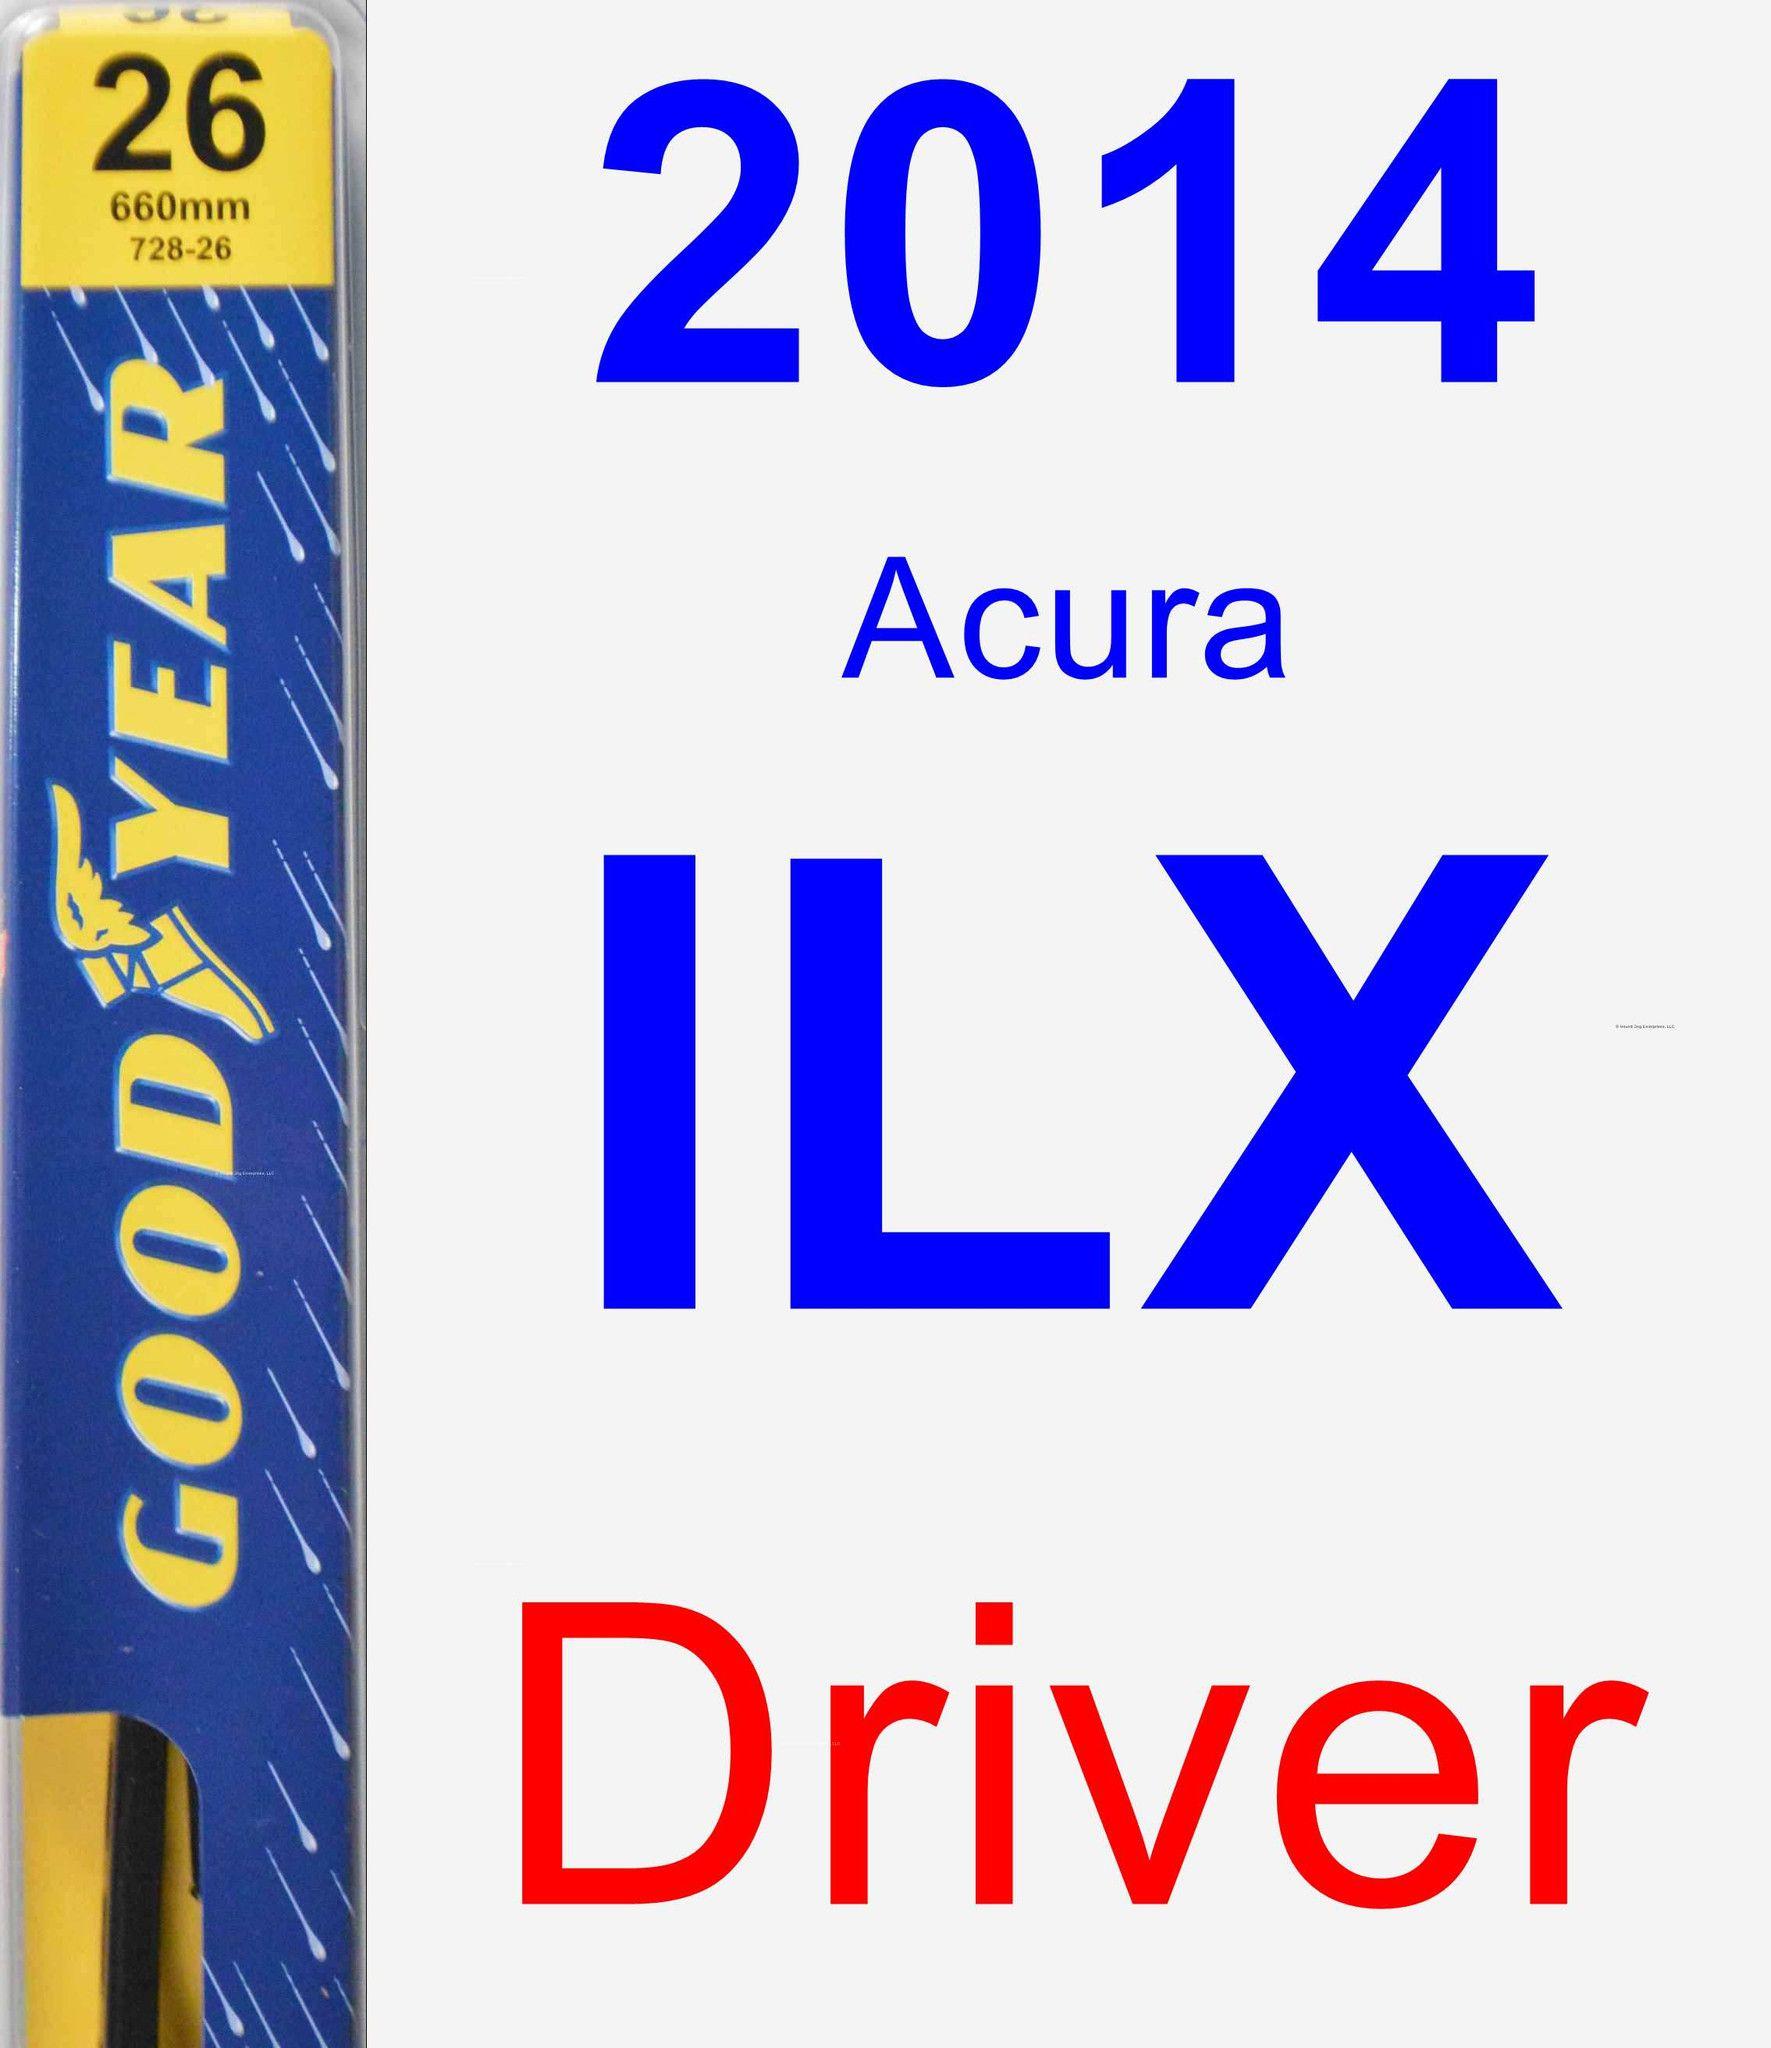 Driver Wiper Blade for 2014 Acura ILX - Premium